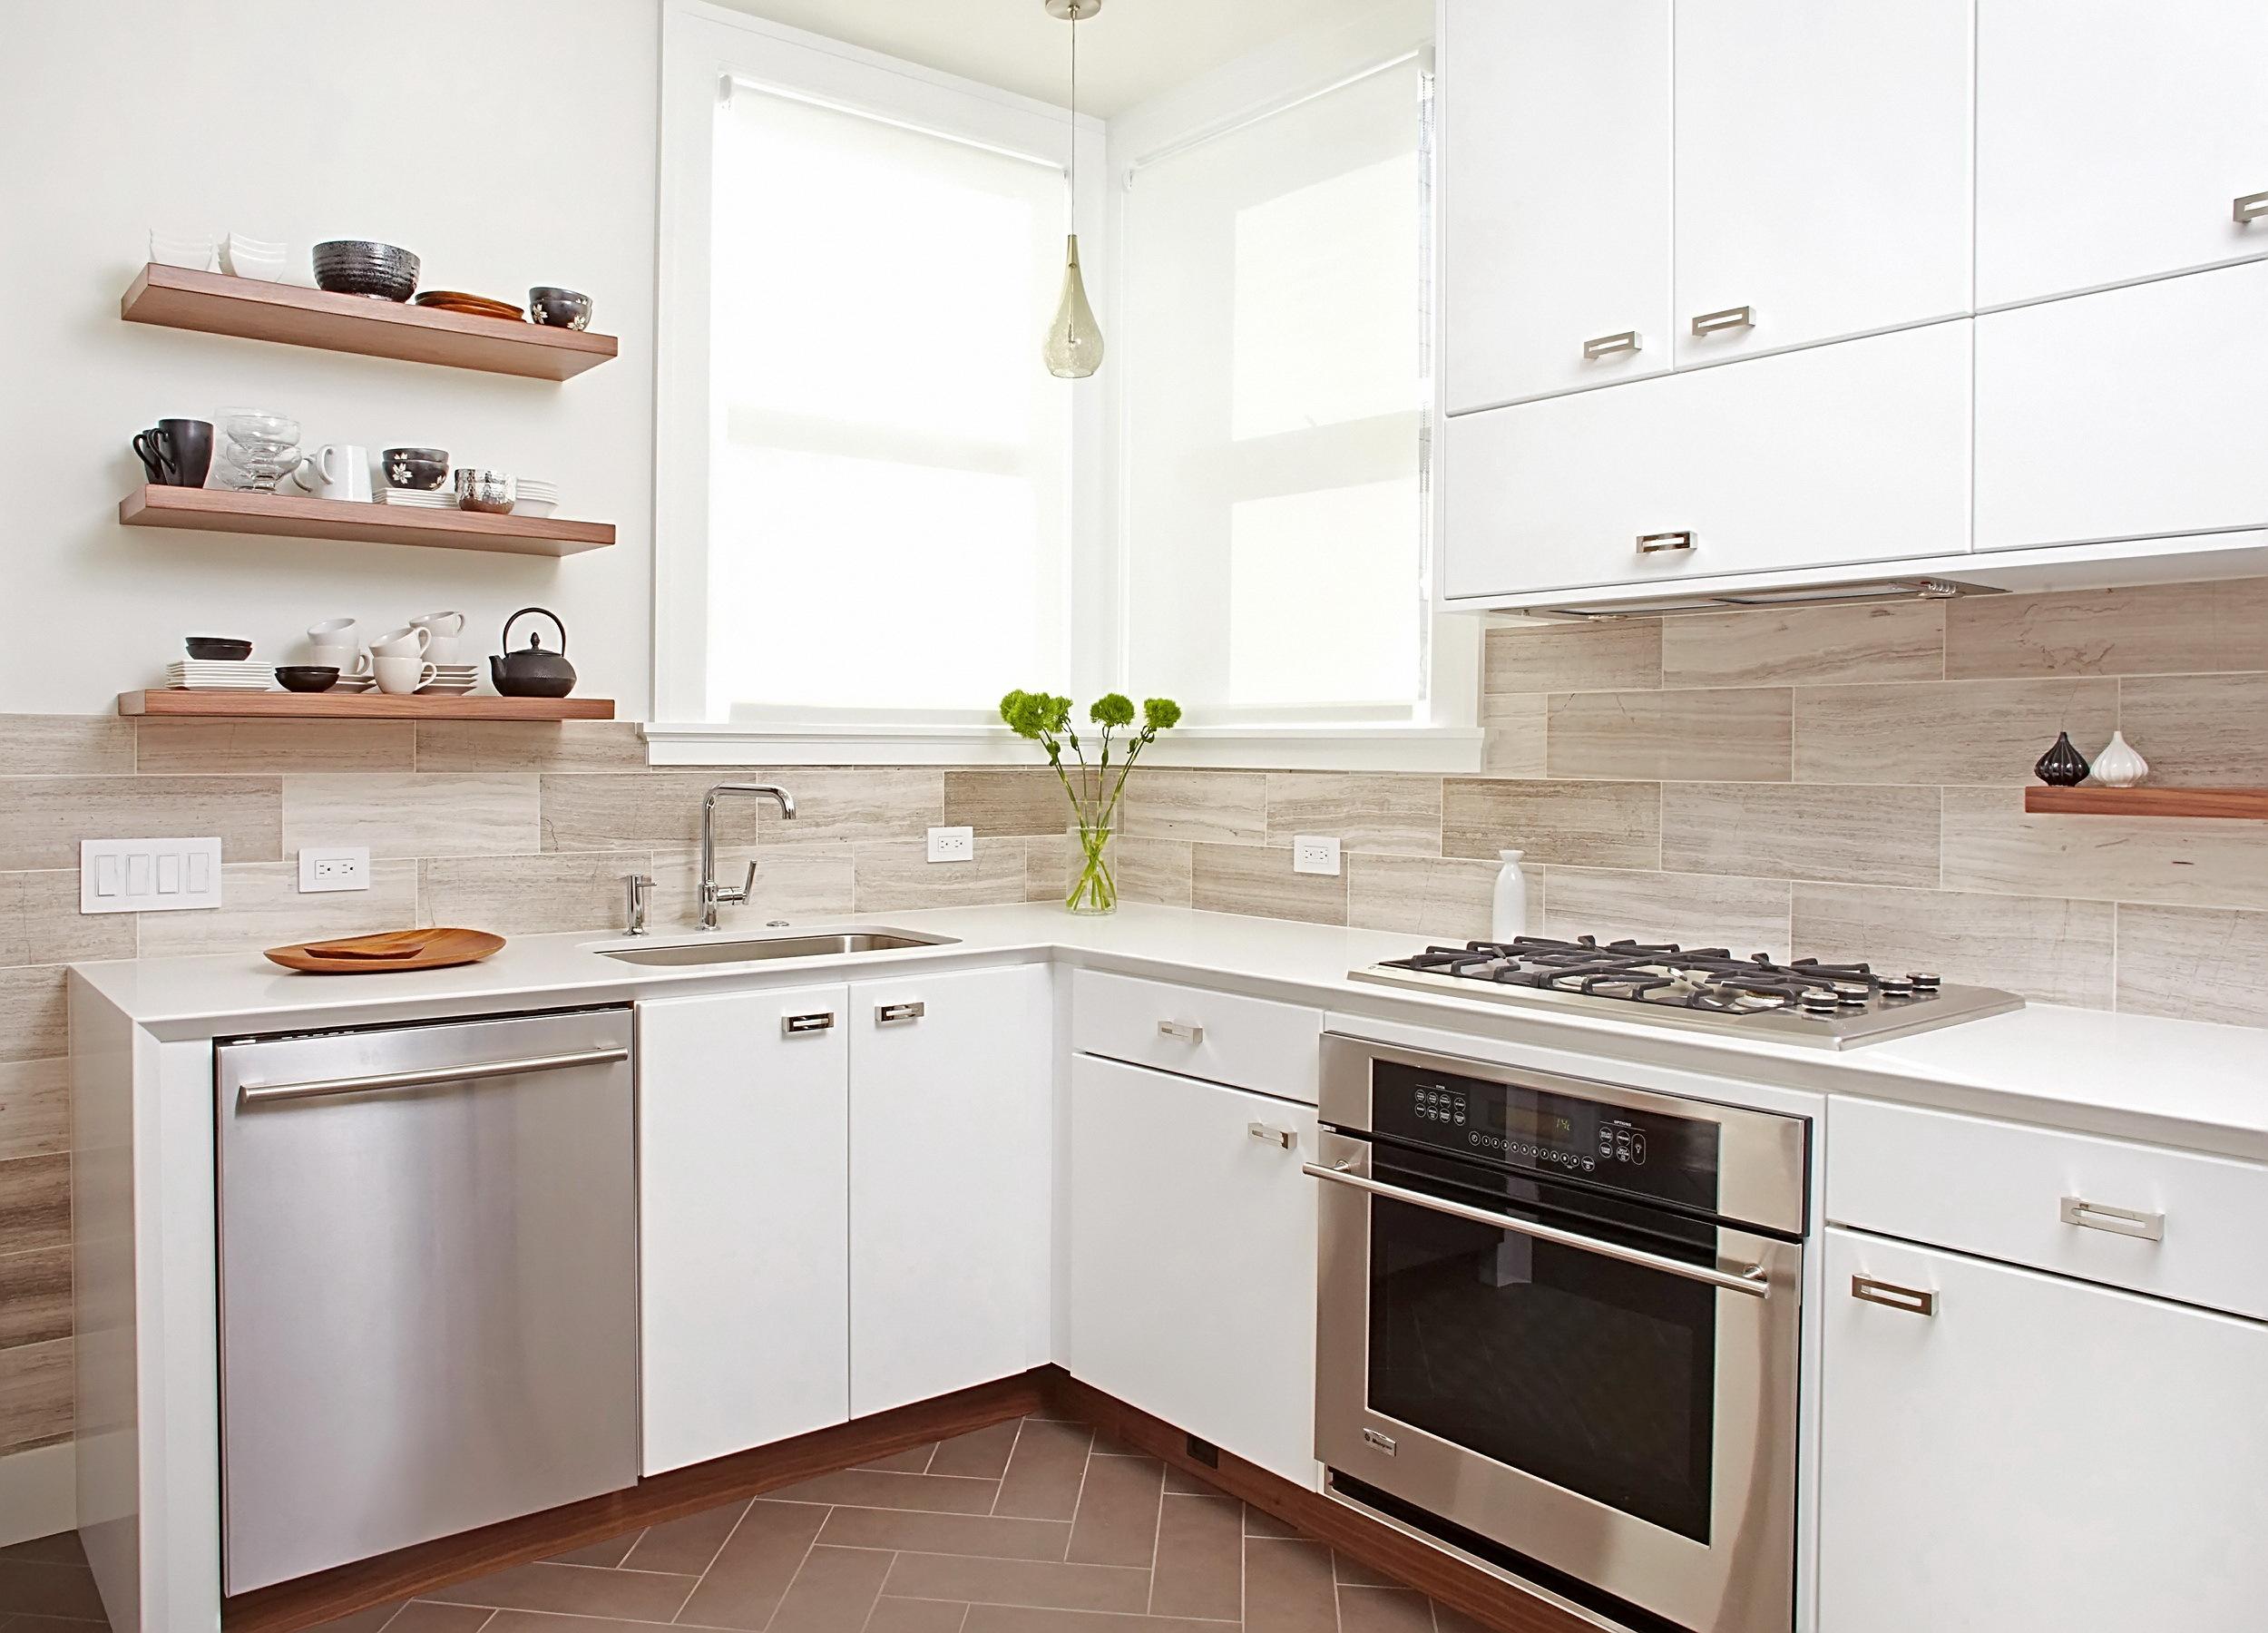 Рабочая поверхность должна быть сплошной, без разрывов предметами мебели или бытовой техникой